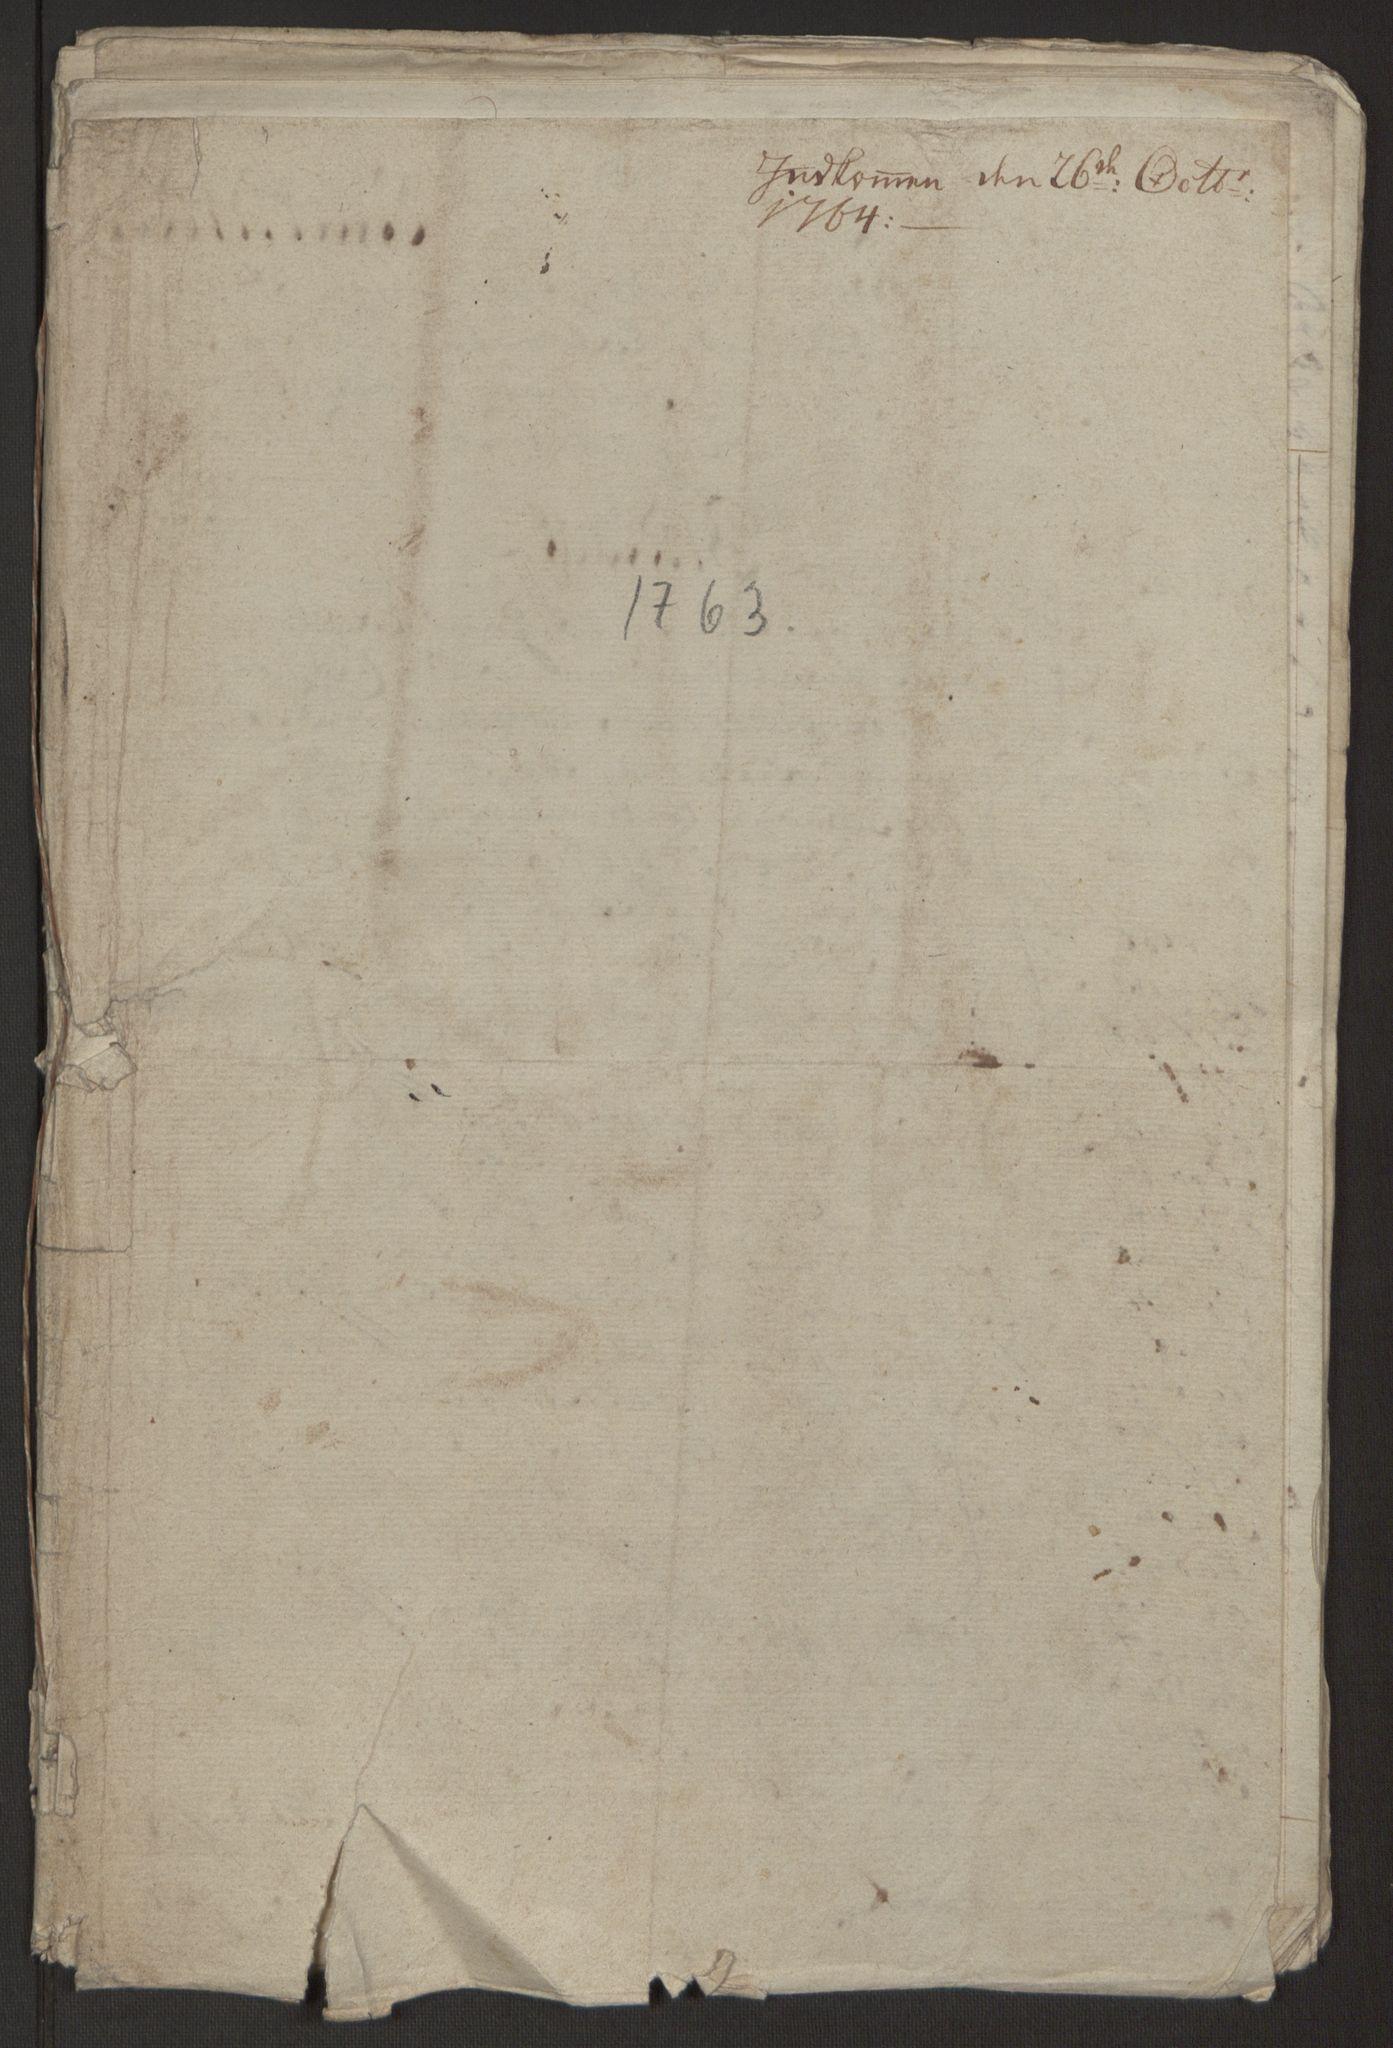 RA, Rentekammeret inntil 1814, Reviderte regnskaper, Byregnskaper, R/Rp/L0366: [P20] Kontribusjonsregnskap, 1763, s. 11